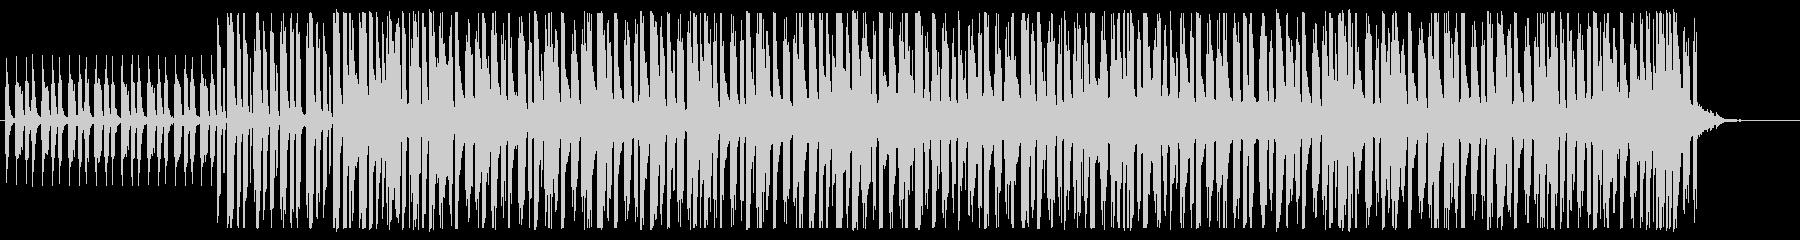 不思議な雰囲気のエレクトロニックの未再生の波形